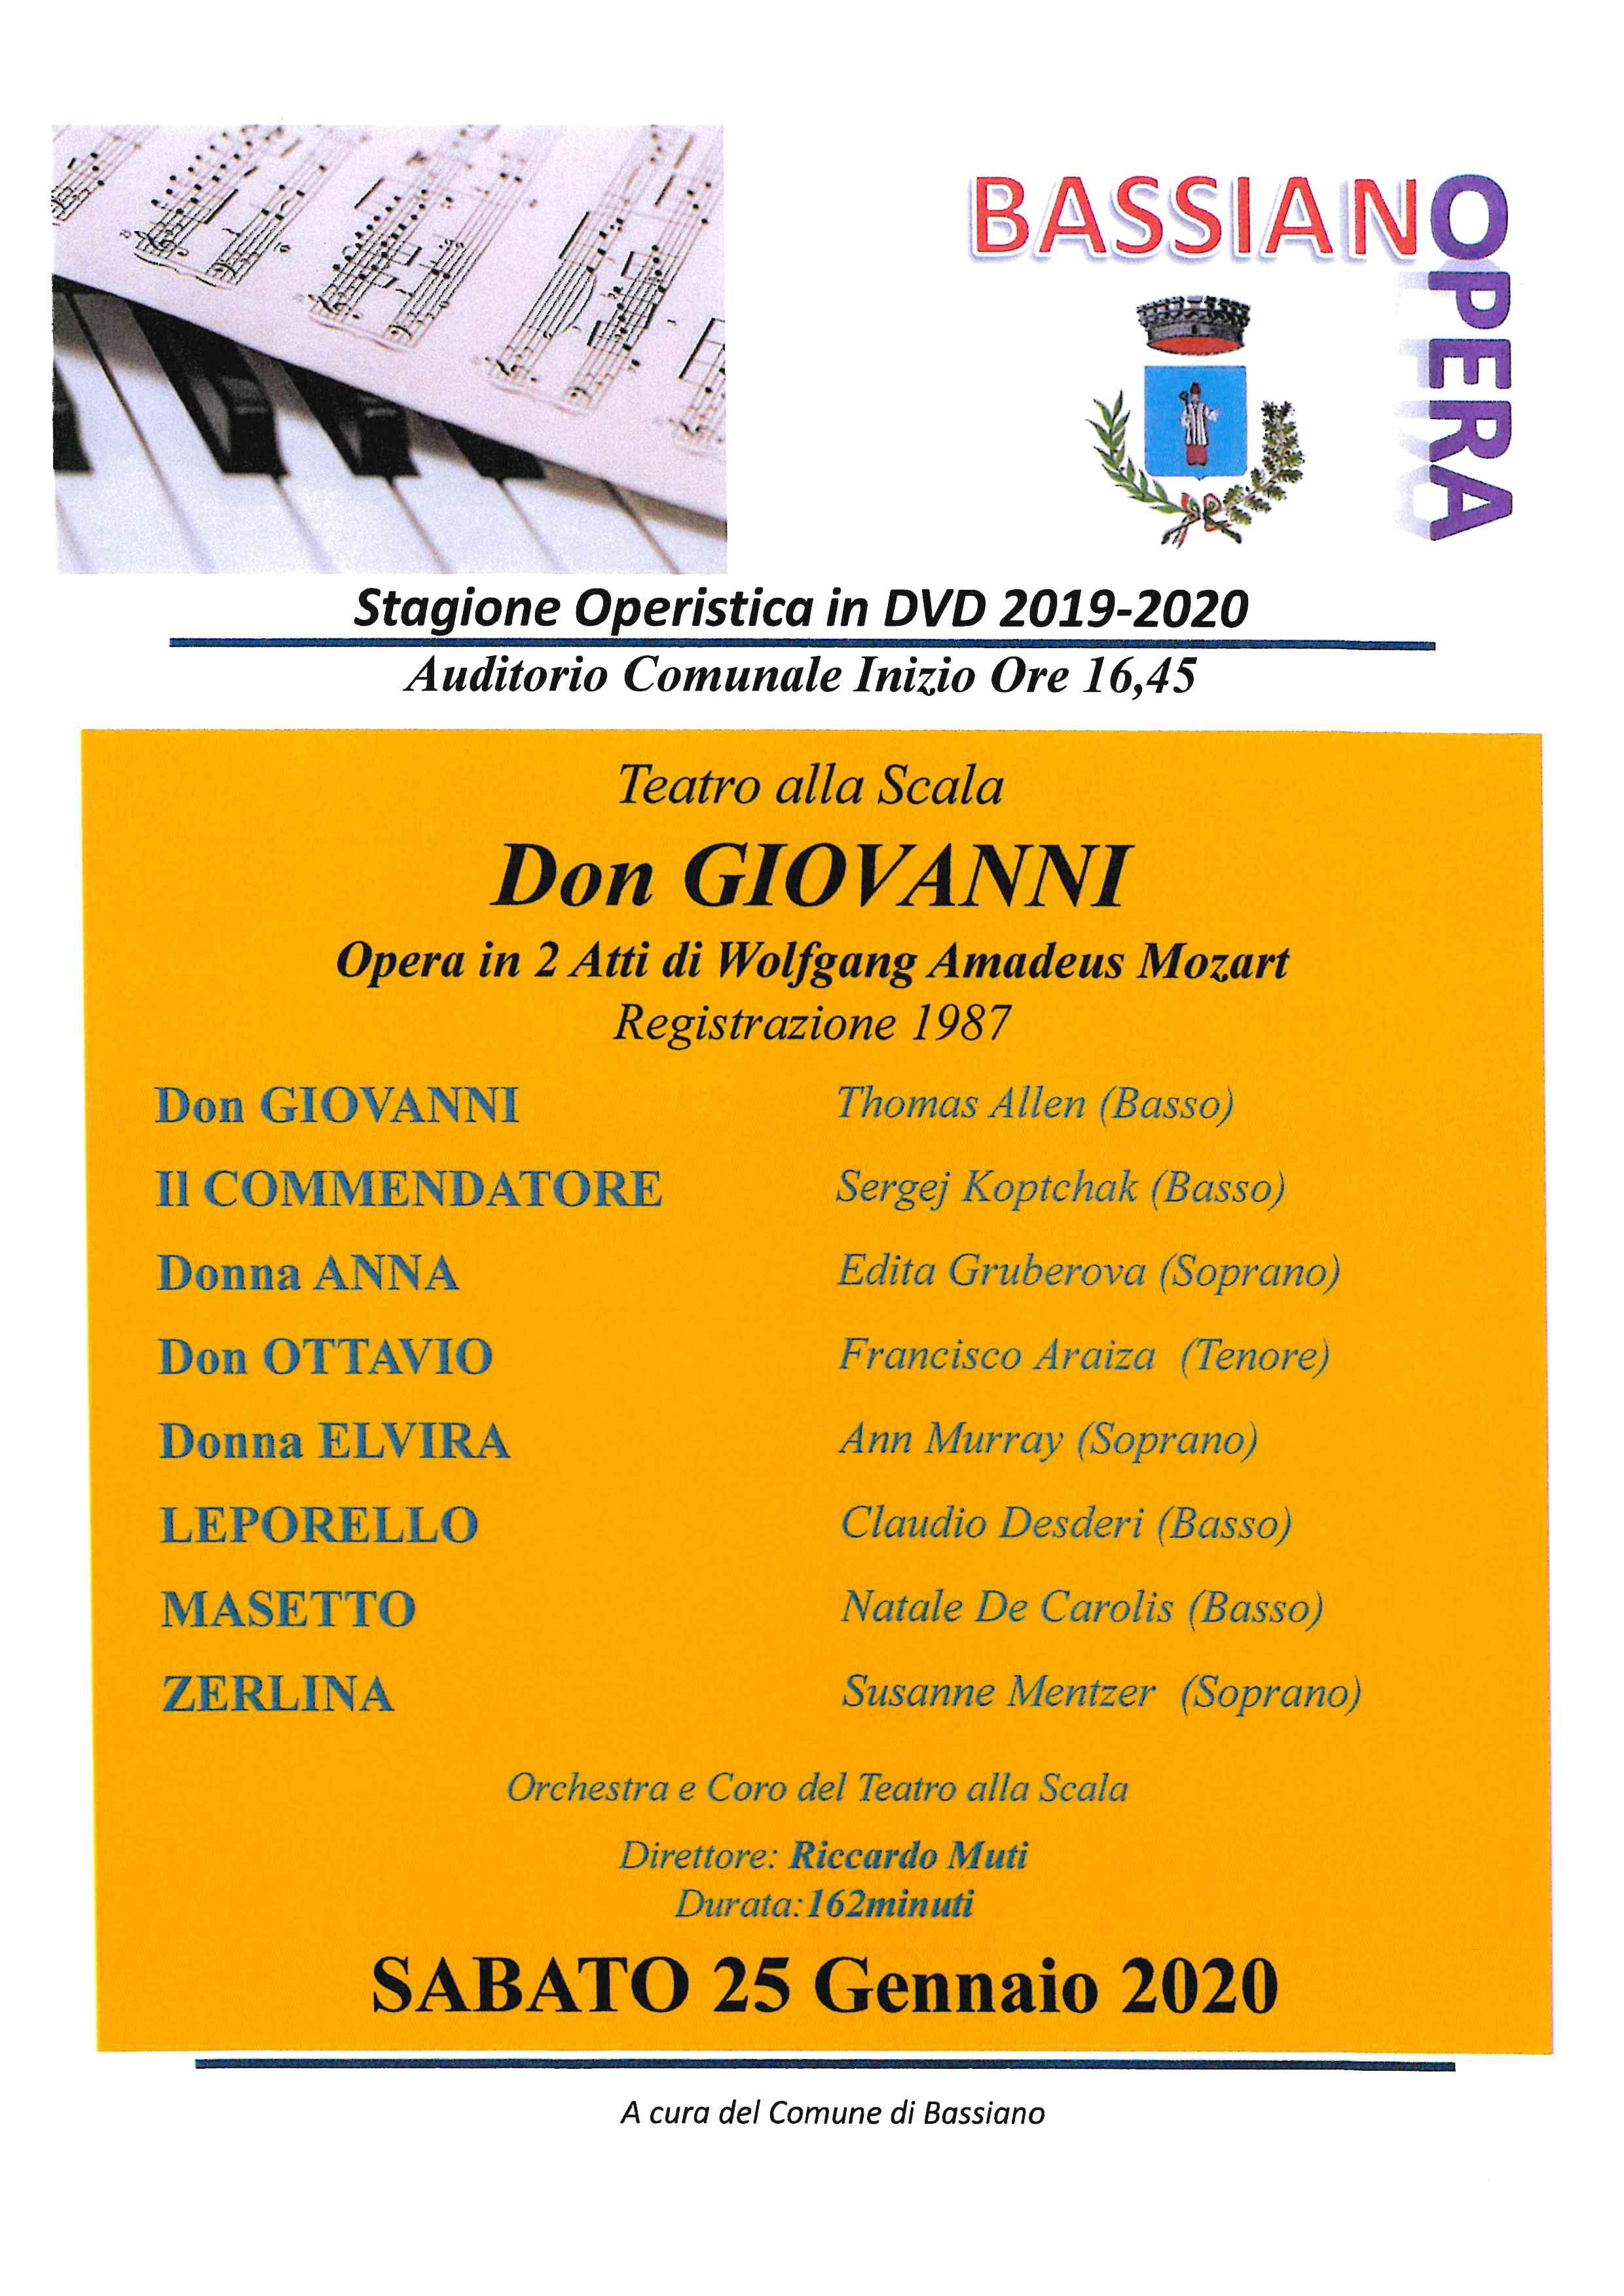 STAGIONE OPERISTICA IN DVD 2019/2020 - Auditorium Comunale Inizio ore 16,45 - Don Giovanni